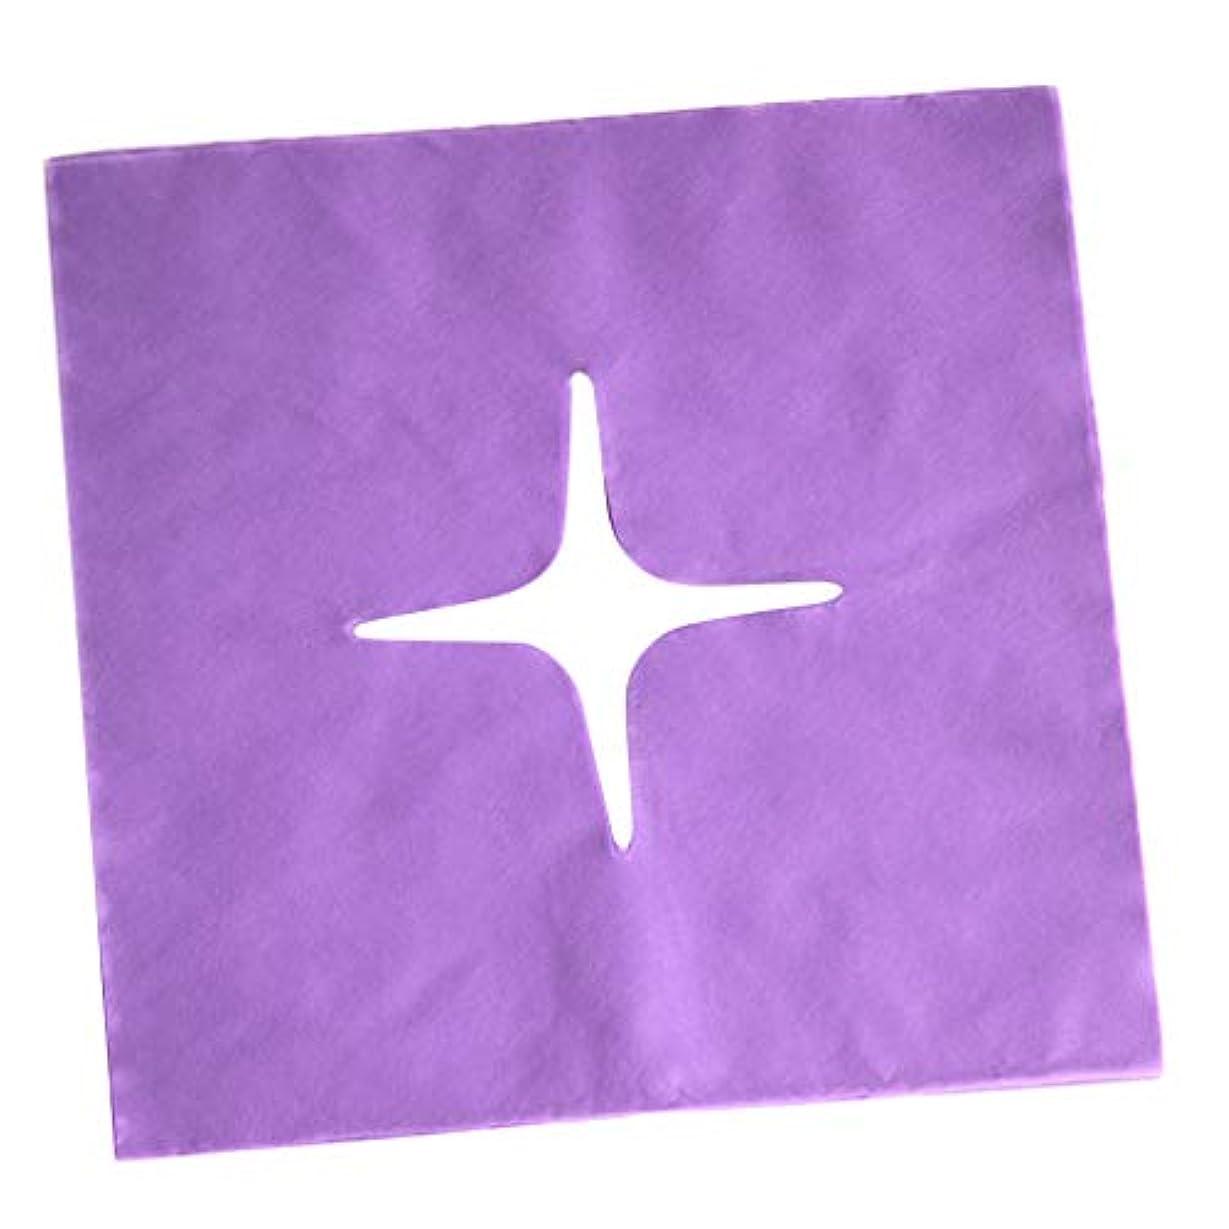 見通し母音人差し指フェイスクレードルカバー マッサージフェイスカバー 使い捨て マッサージ用 美容院 サロン 全3色 - 紫の